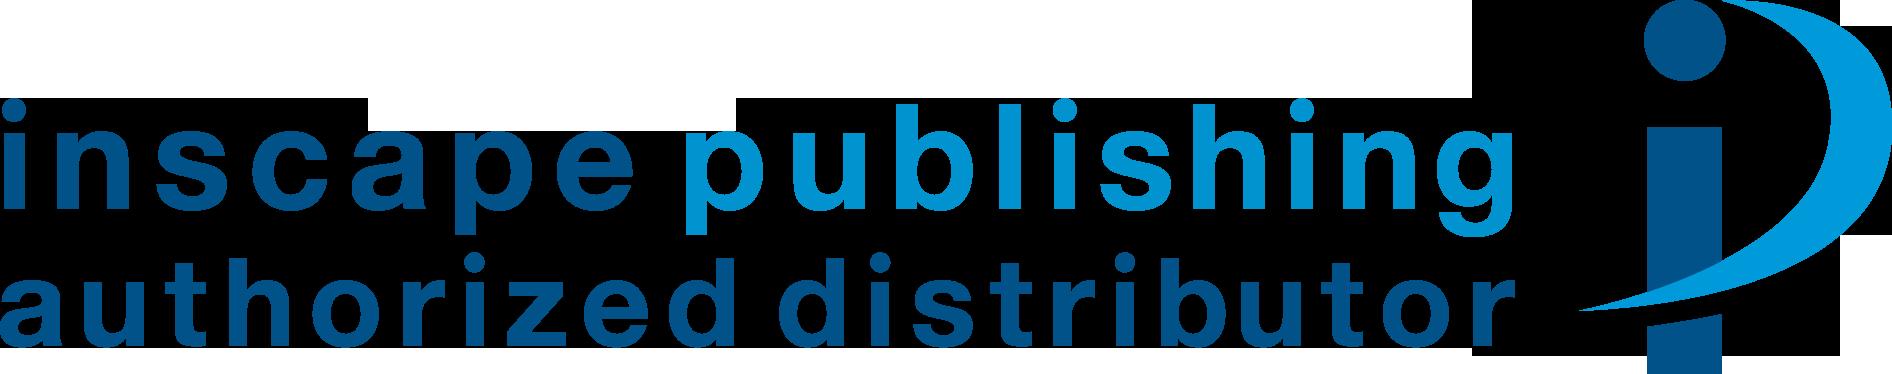 Inscape Auth Dist Logo R Color